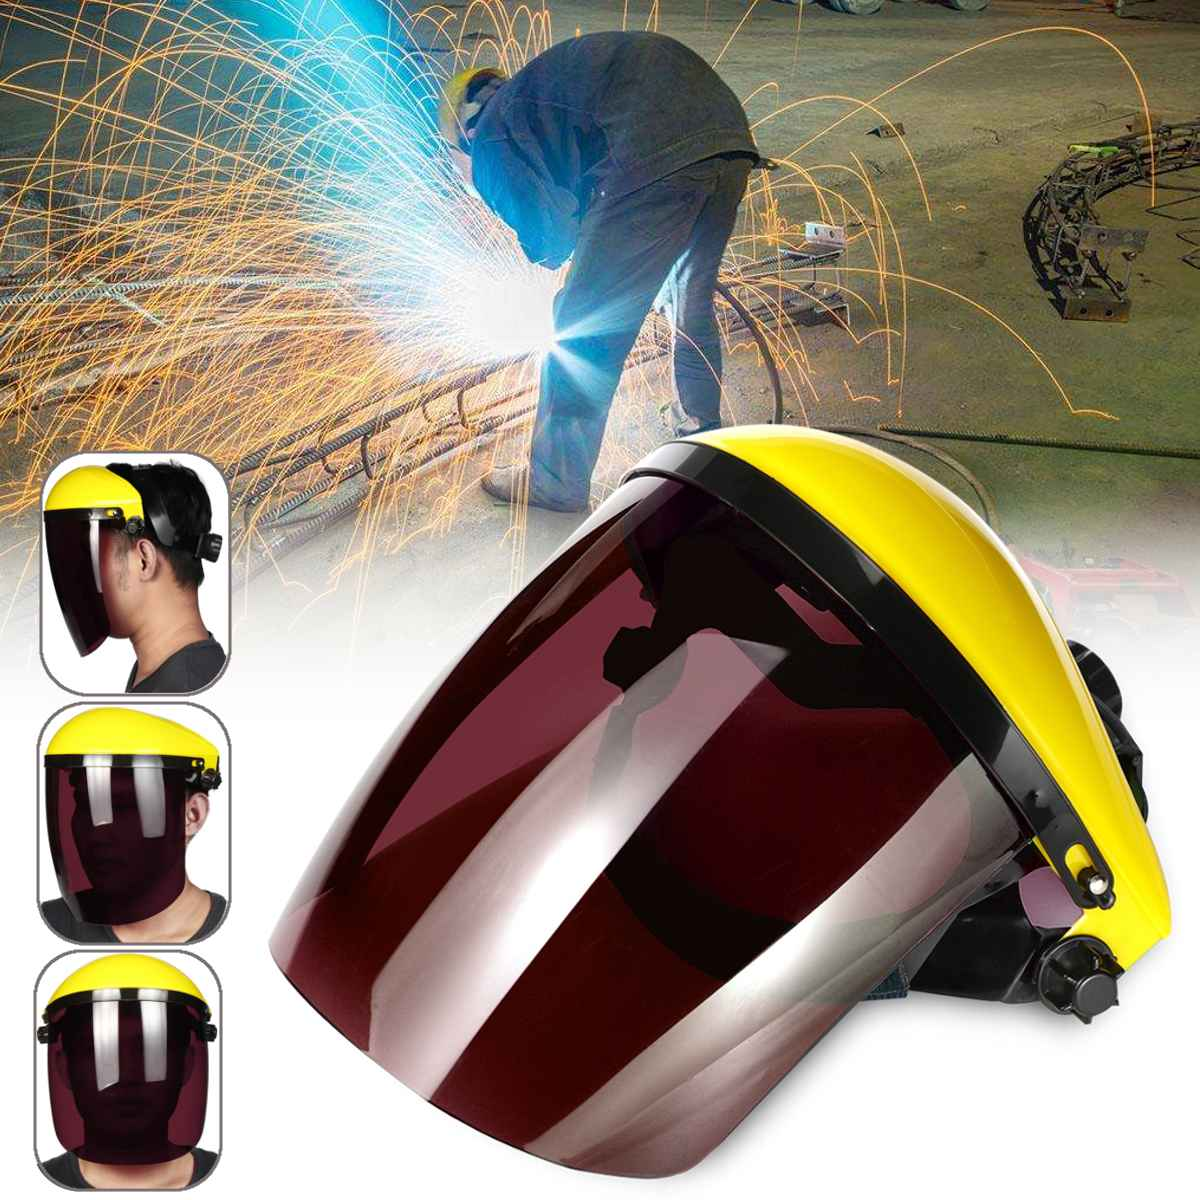 Viseira completa Proteção para Os Olhos de Segurança Workwear Ferramenta Ajustável Claro Rosto Escudo Máscara Protetora Viseira Flip-up Cinza/Preto /verde/Marrom